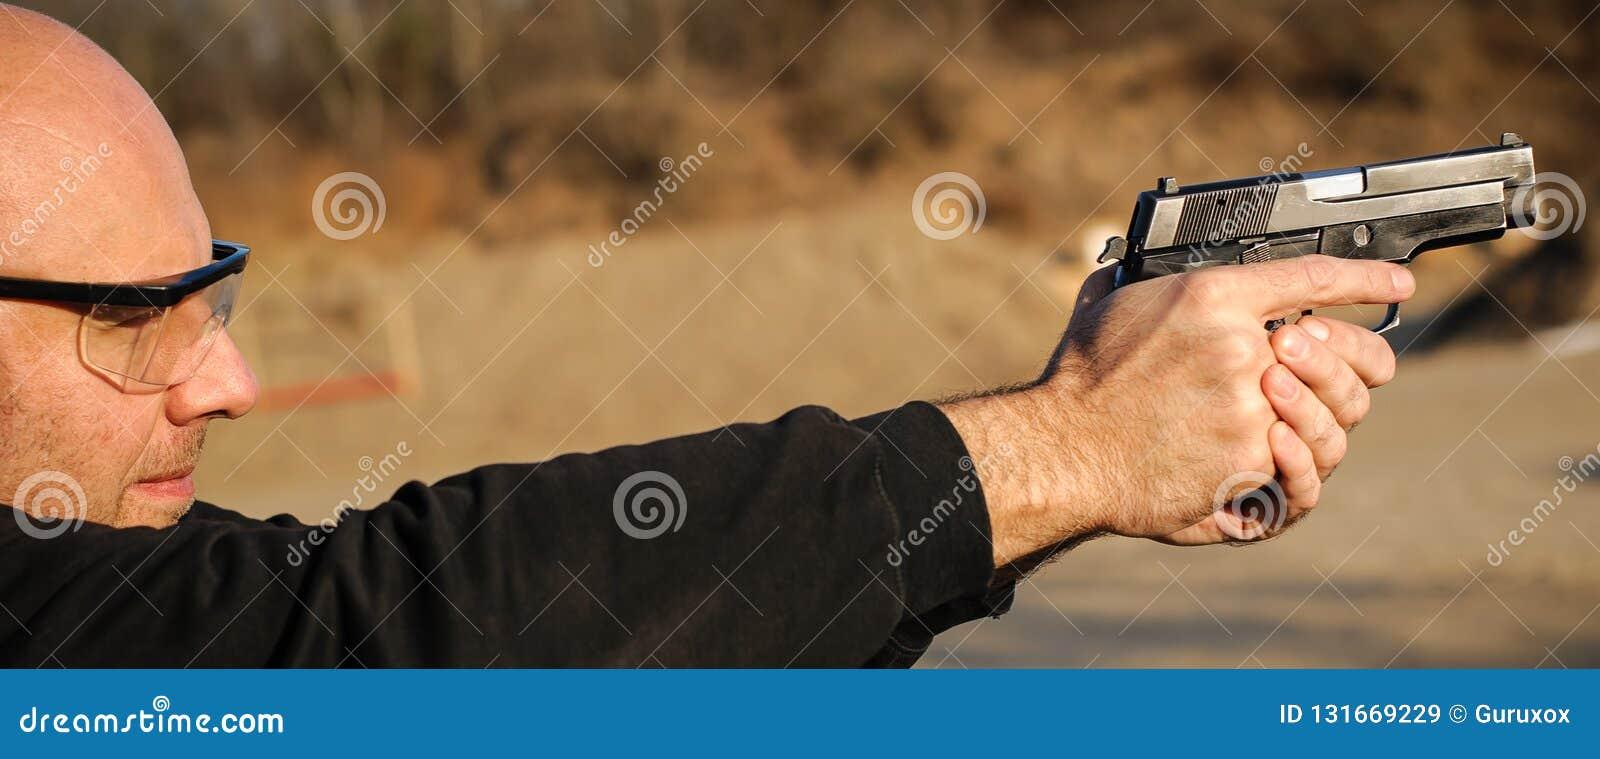 Polismedel och livvakt som pekar pistolen för att skydda från angripare